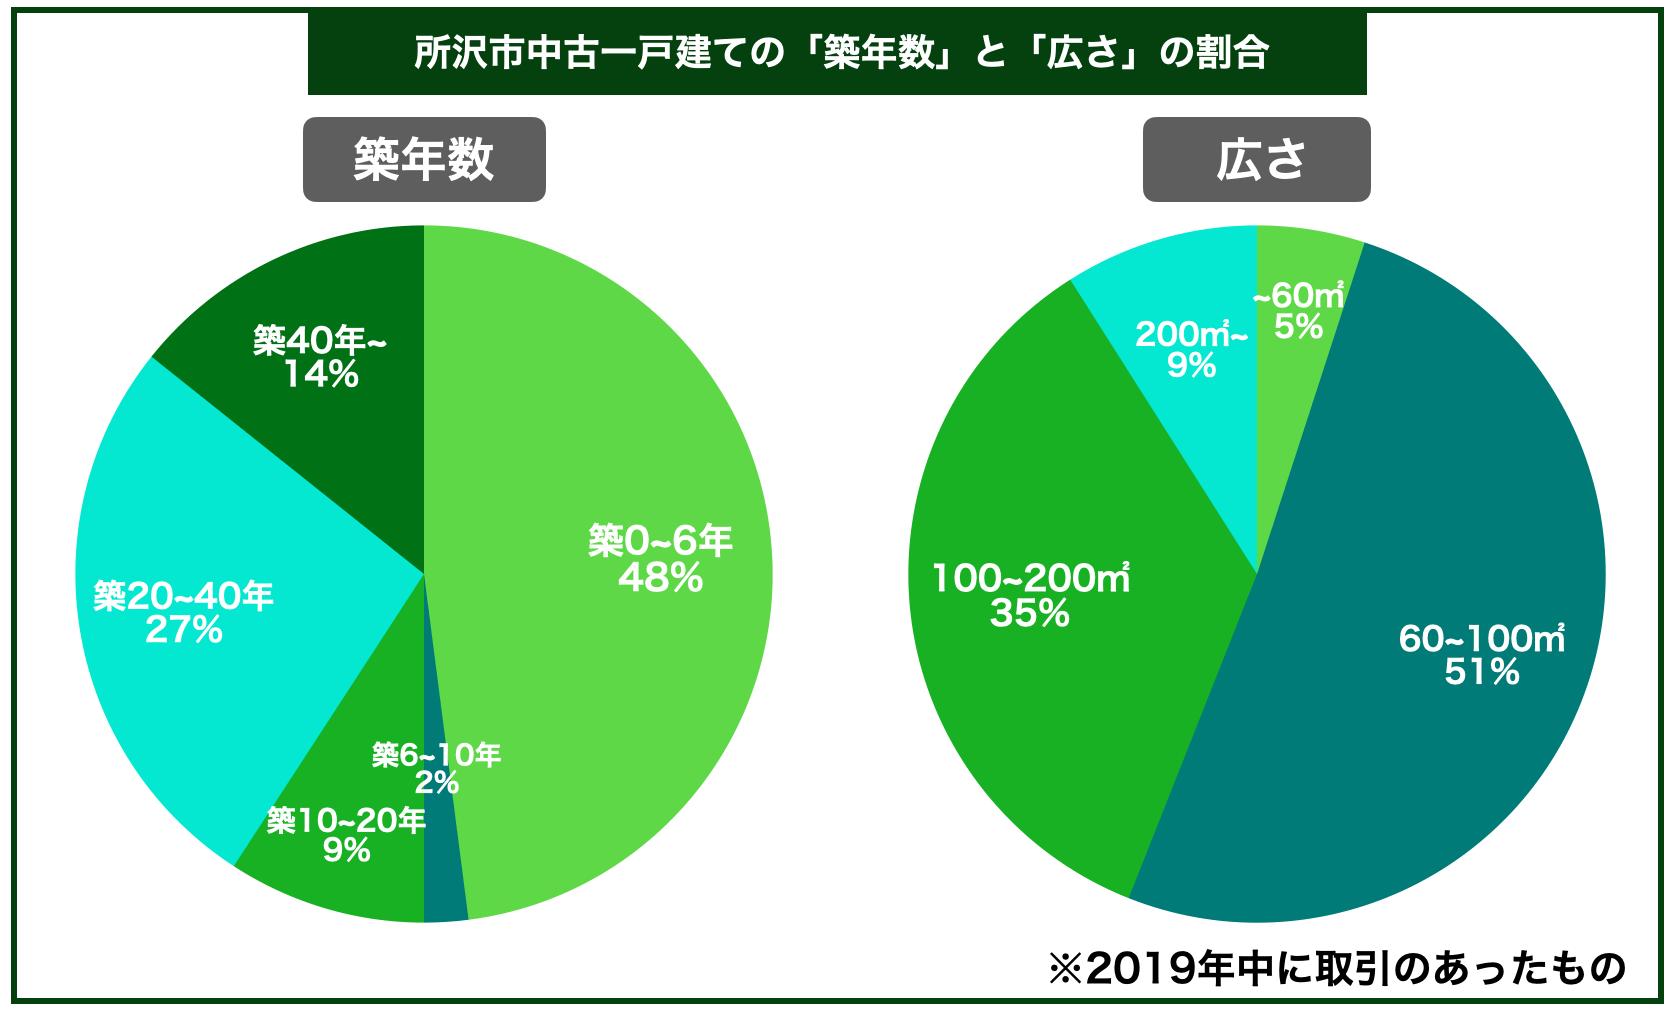 所沢市中古一戸建ての平均築年数と広さの割合